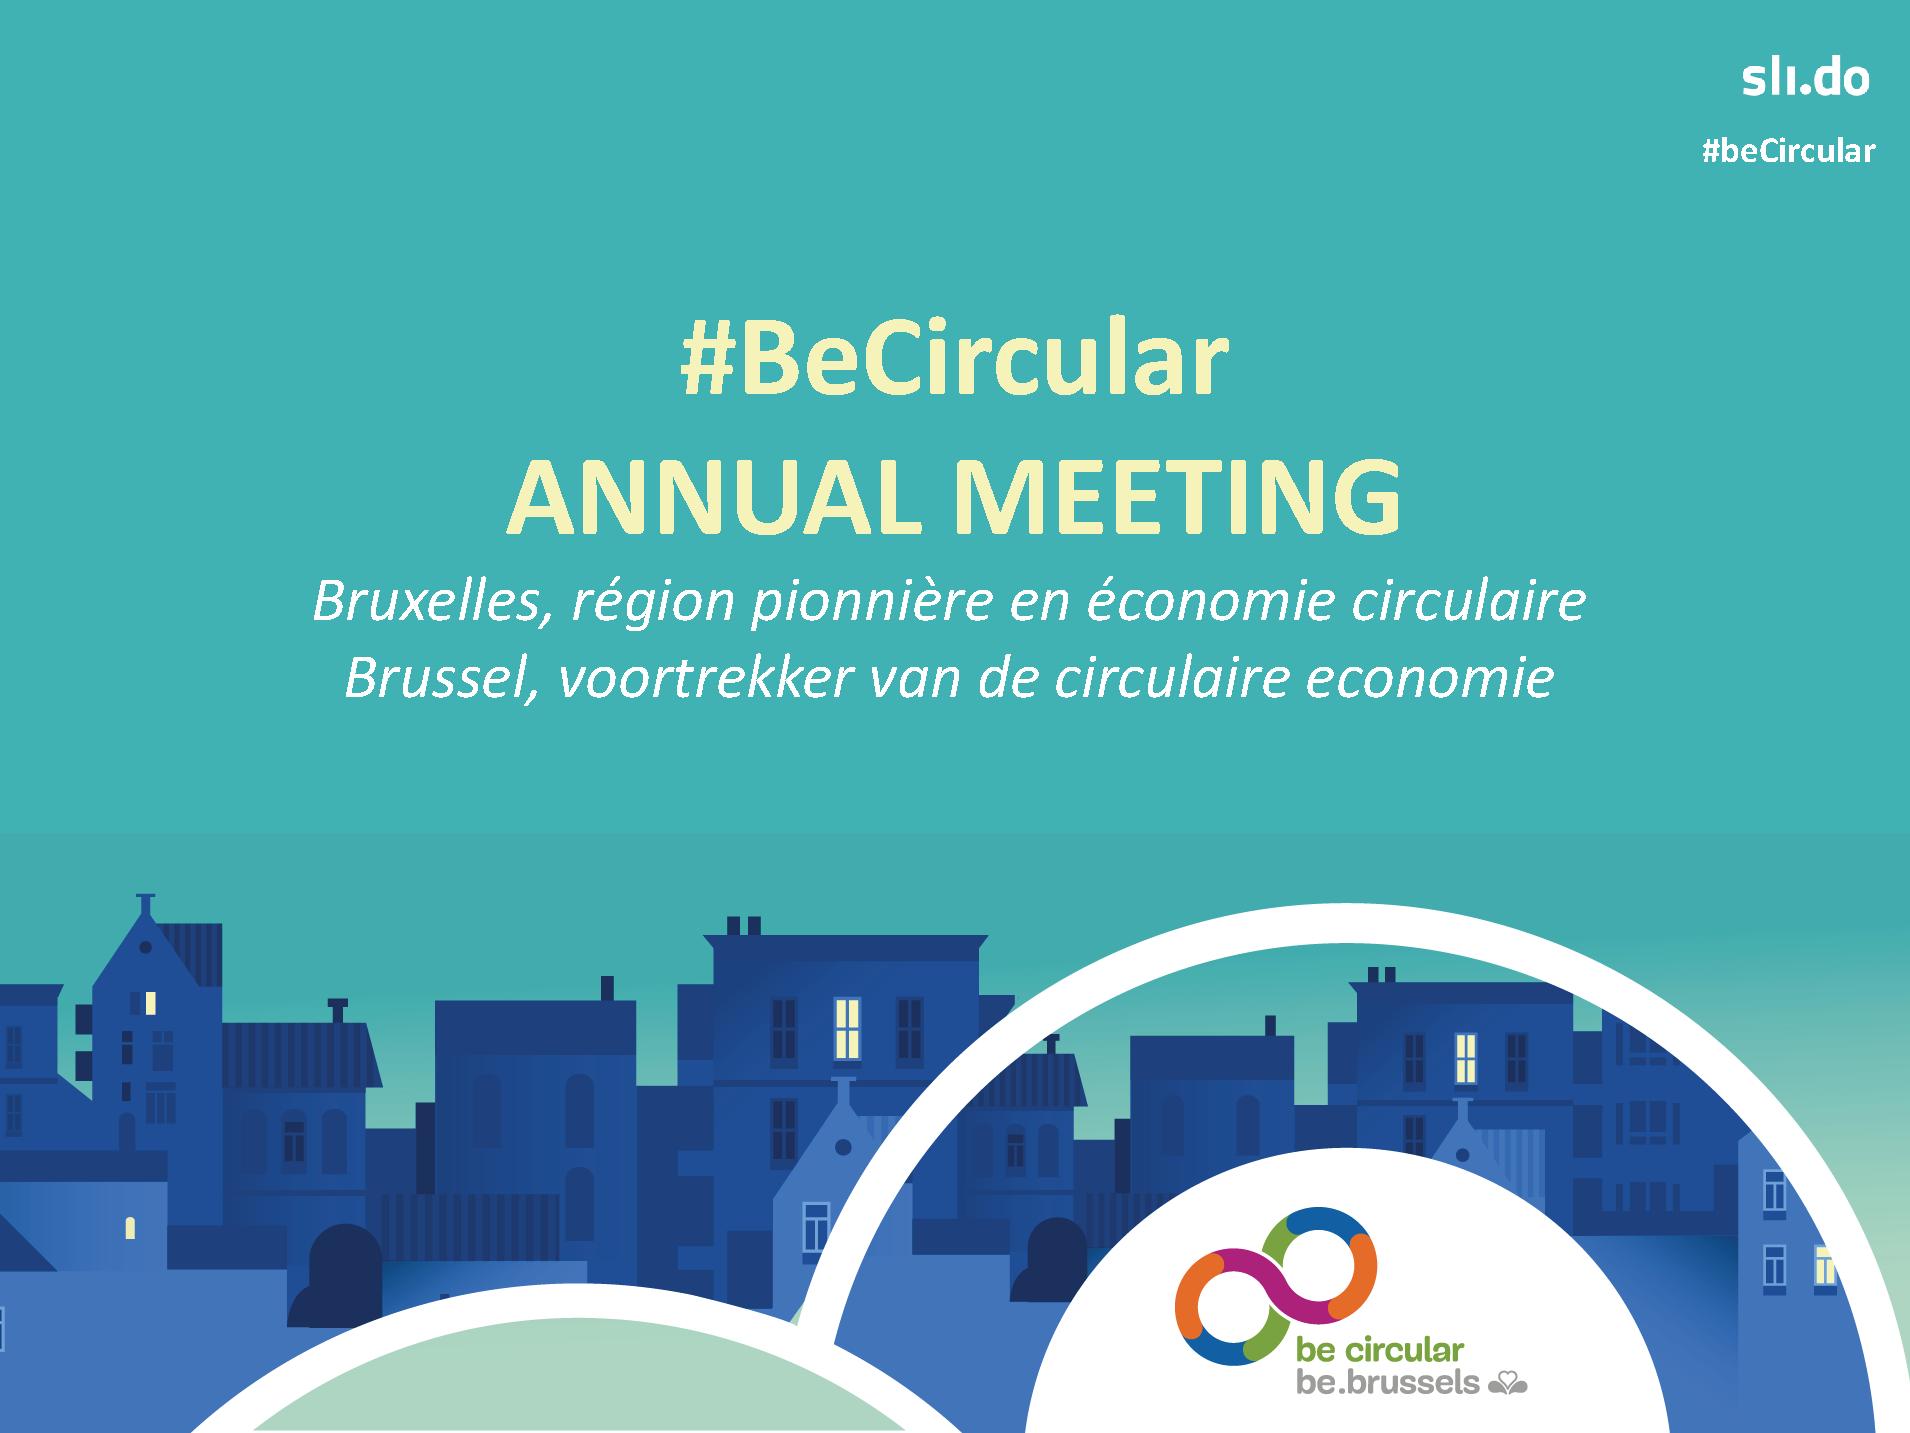 Be Circular Annual Meeting 2018 du Programme Régional en Economie Circulaire